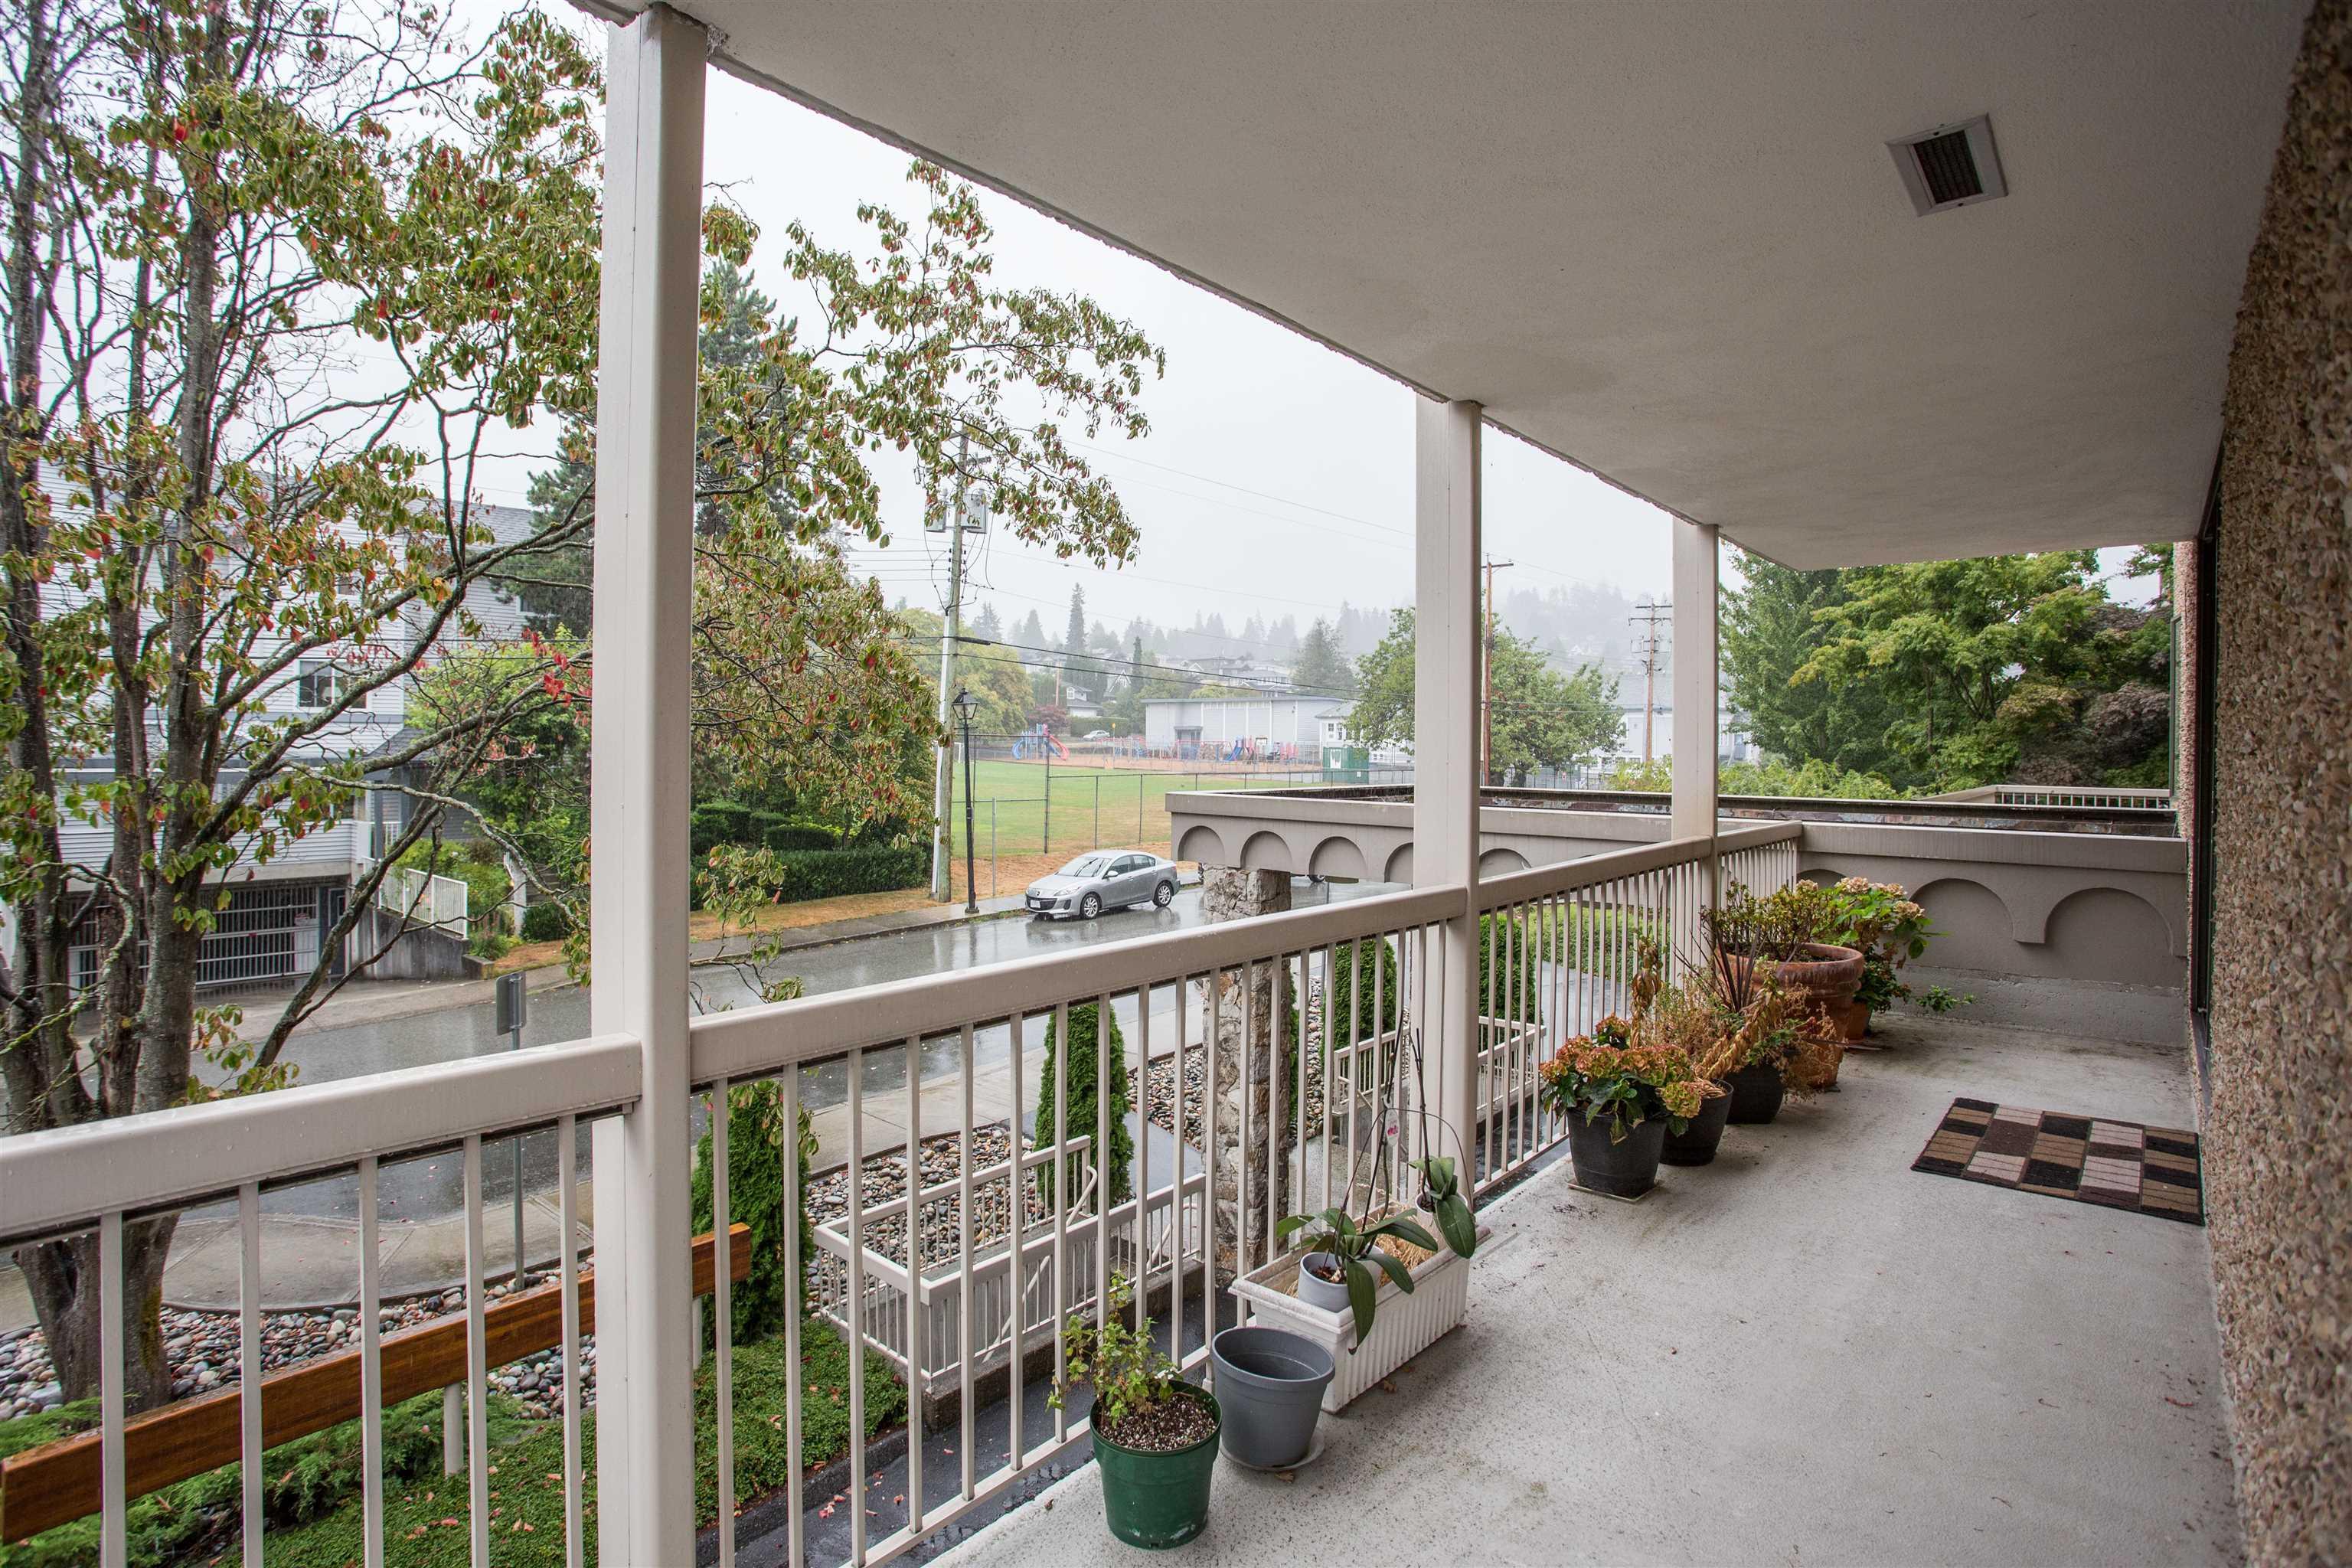 203 1390 DUCHESS AVENUE - Ambleside Apartment/Condo for sale, 1 Bedroom (R2611618) - #25